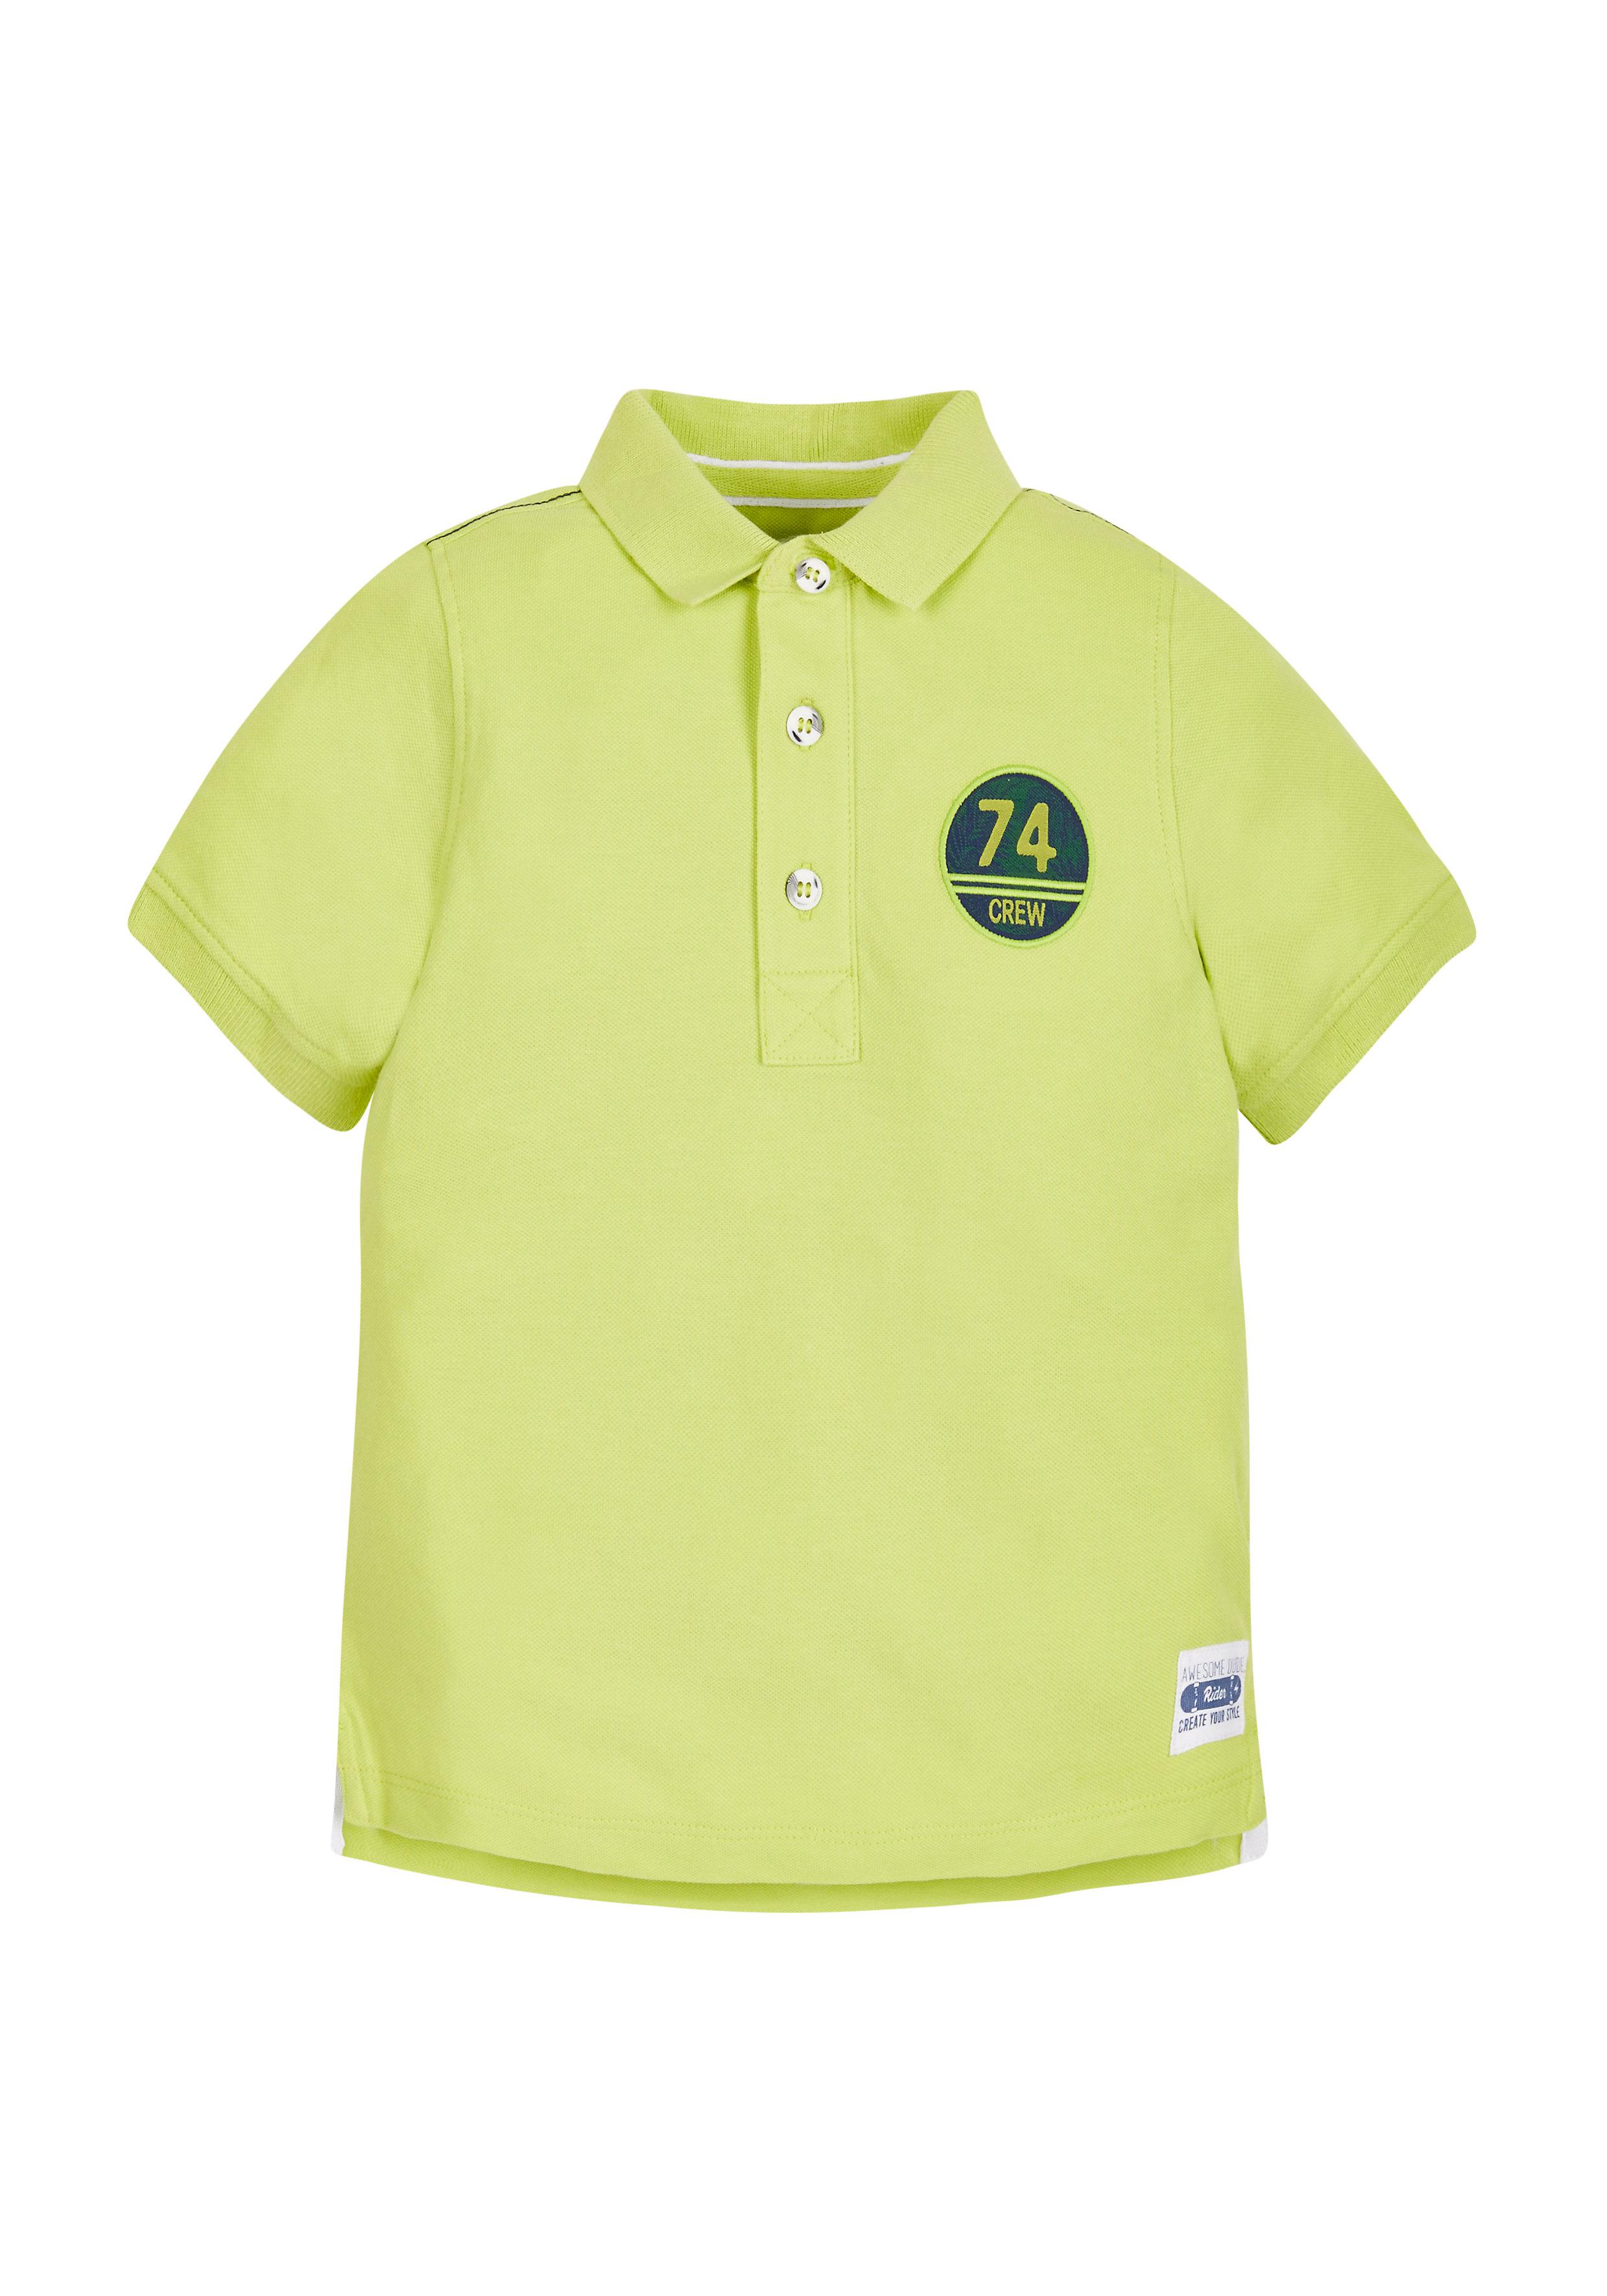 Mothercare | Boys 74 Crew Polo Shirt - Lime